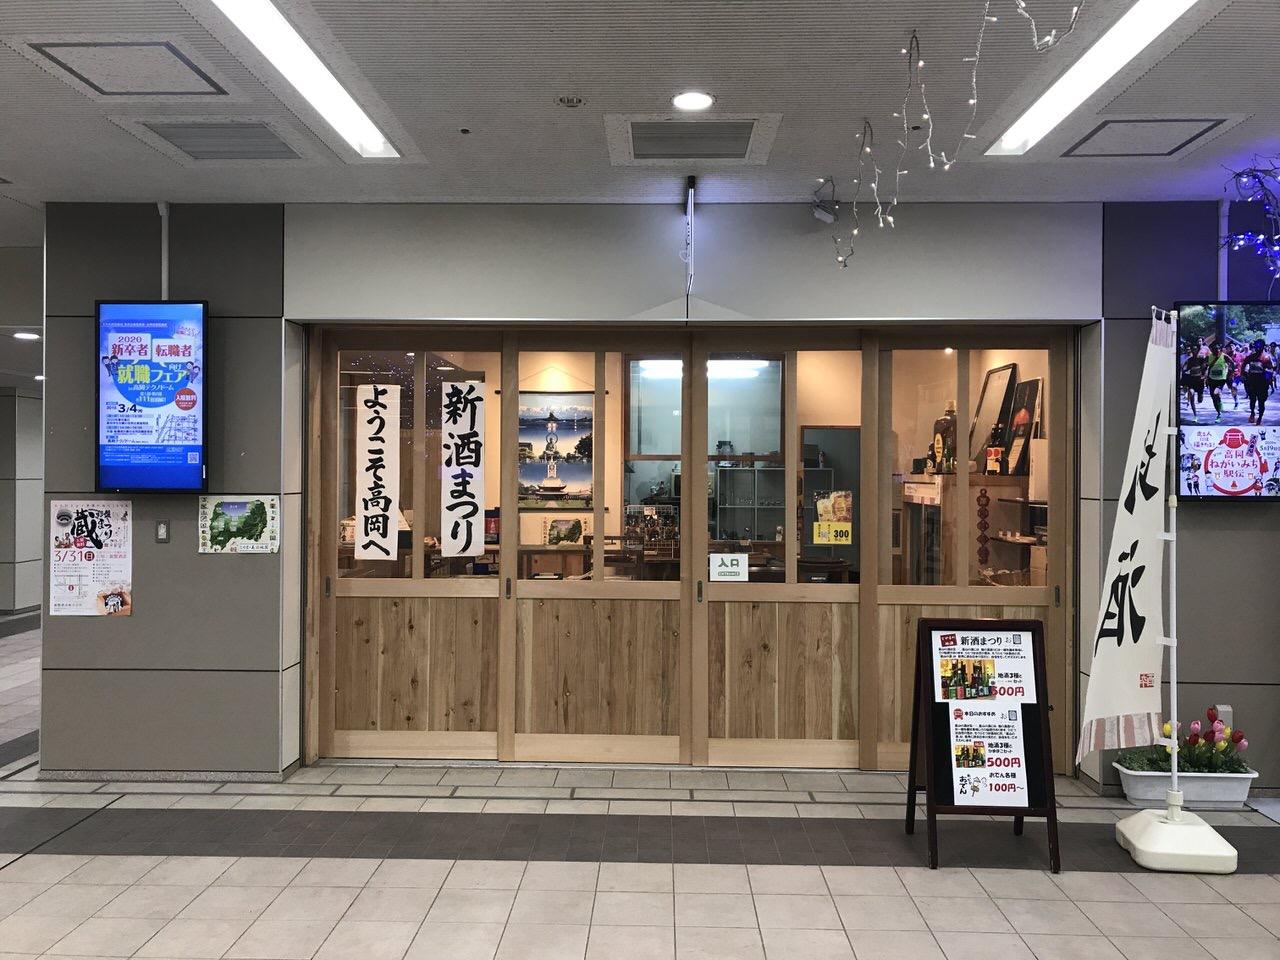 酒屋直営の高岡駅地下の立ち呑み「お富」500円3種+1品で最高